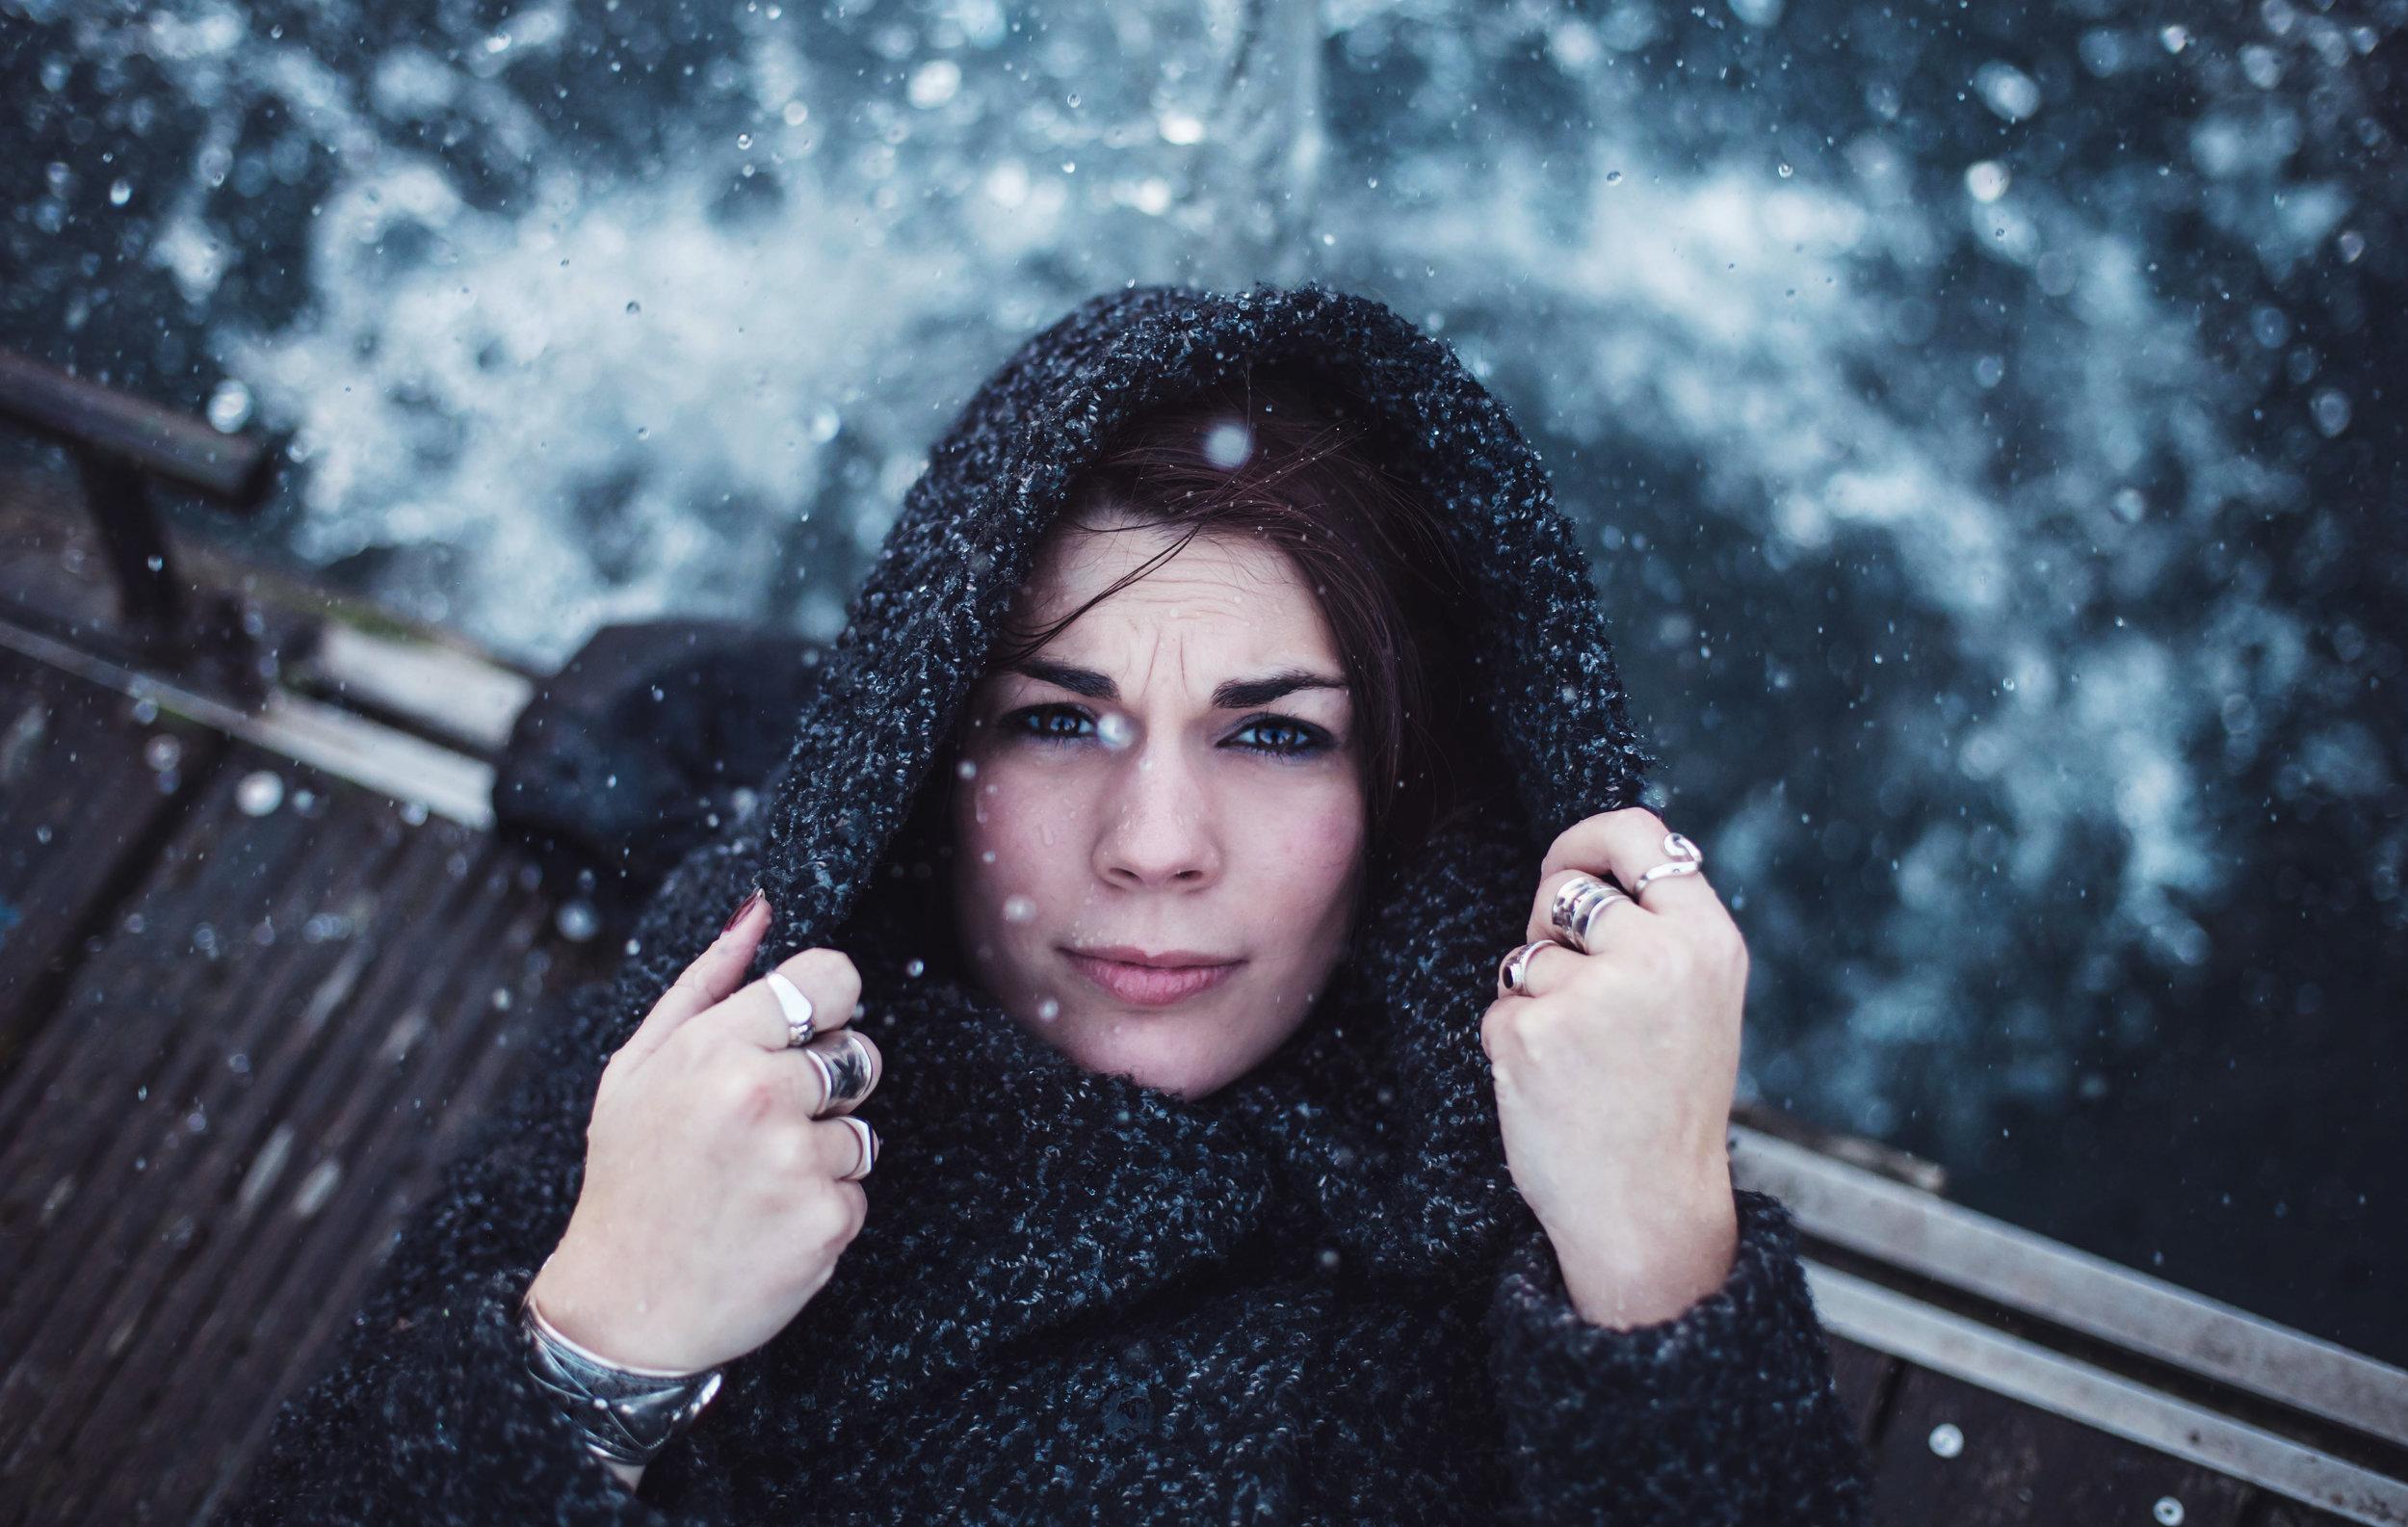 Llywelyn Nys/Unsplash.com